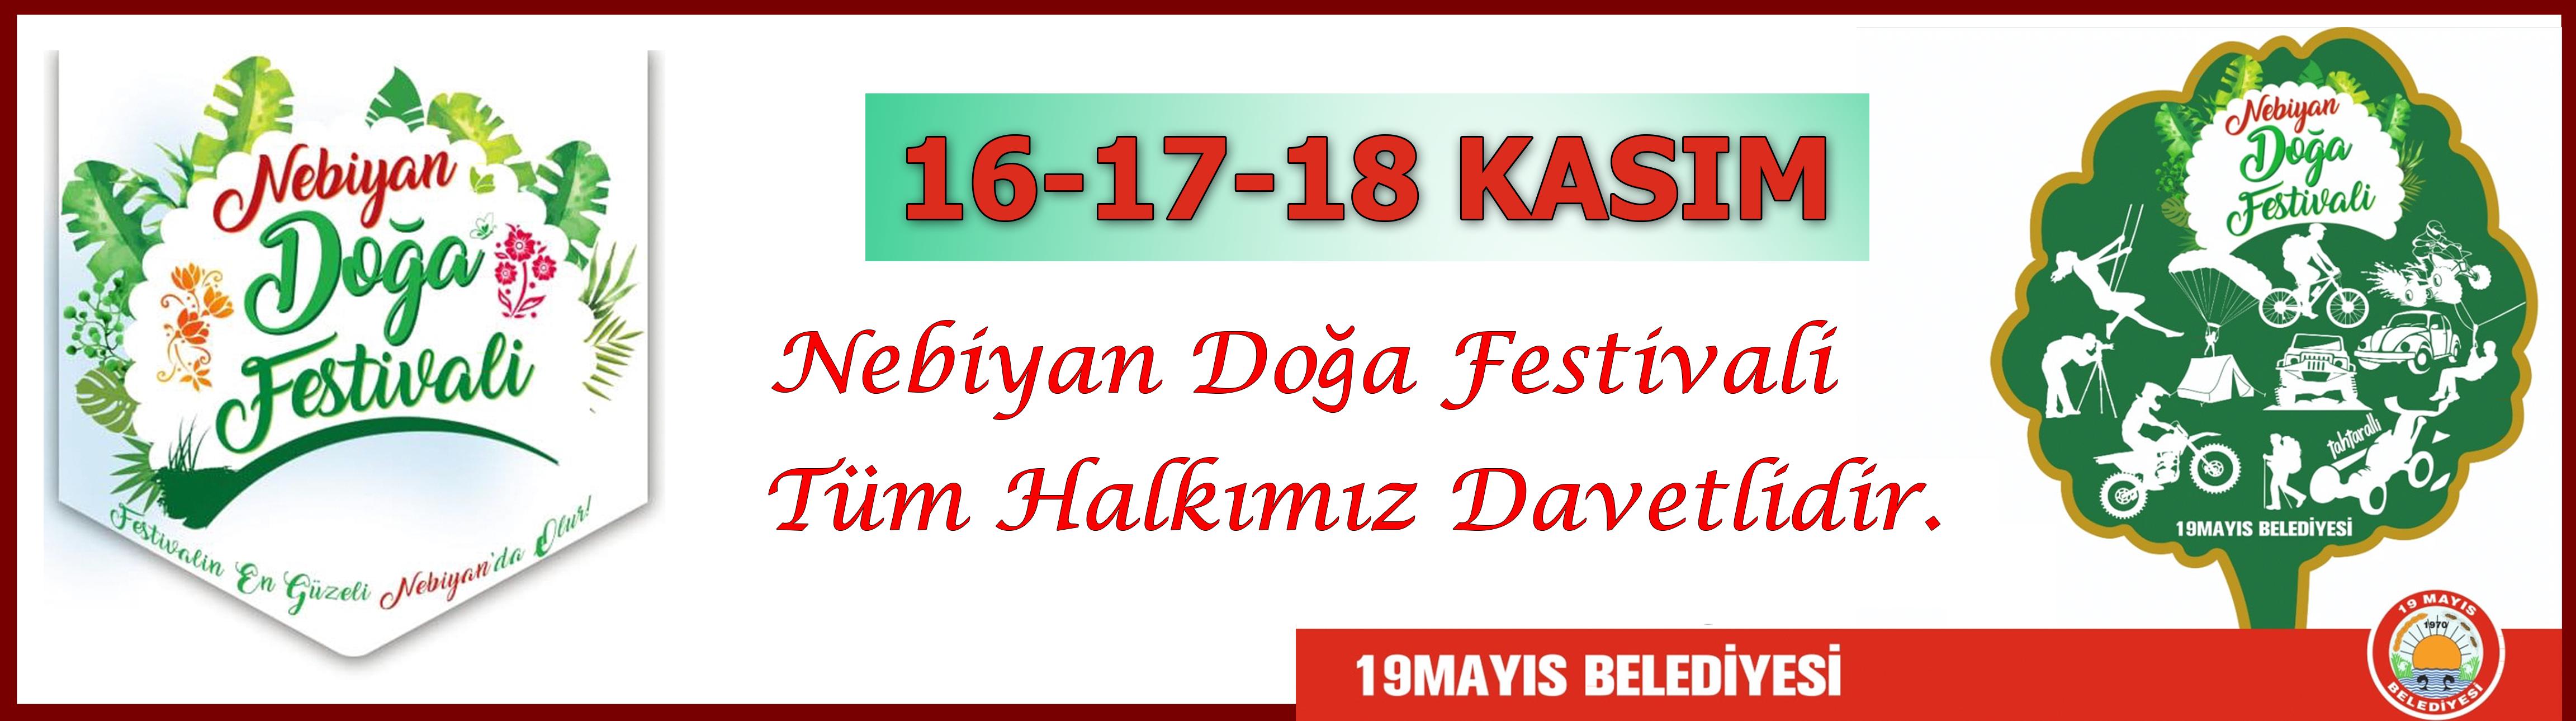 festival 1 - festival